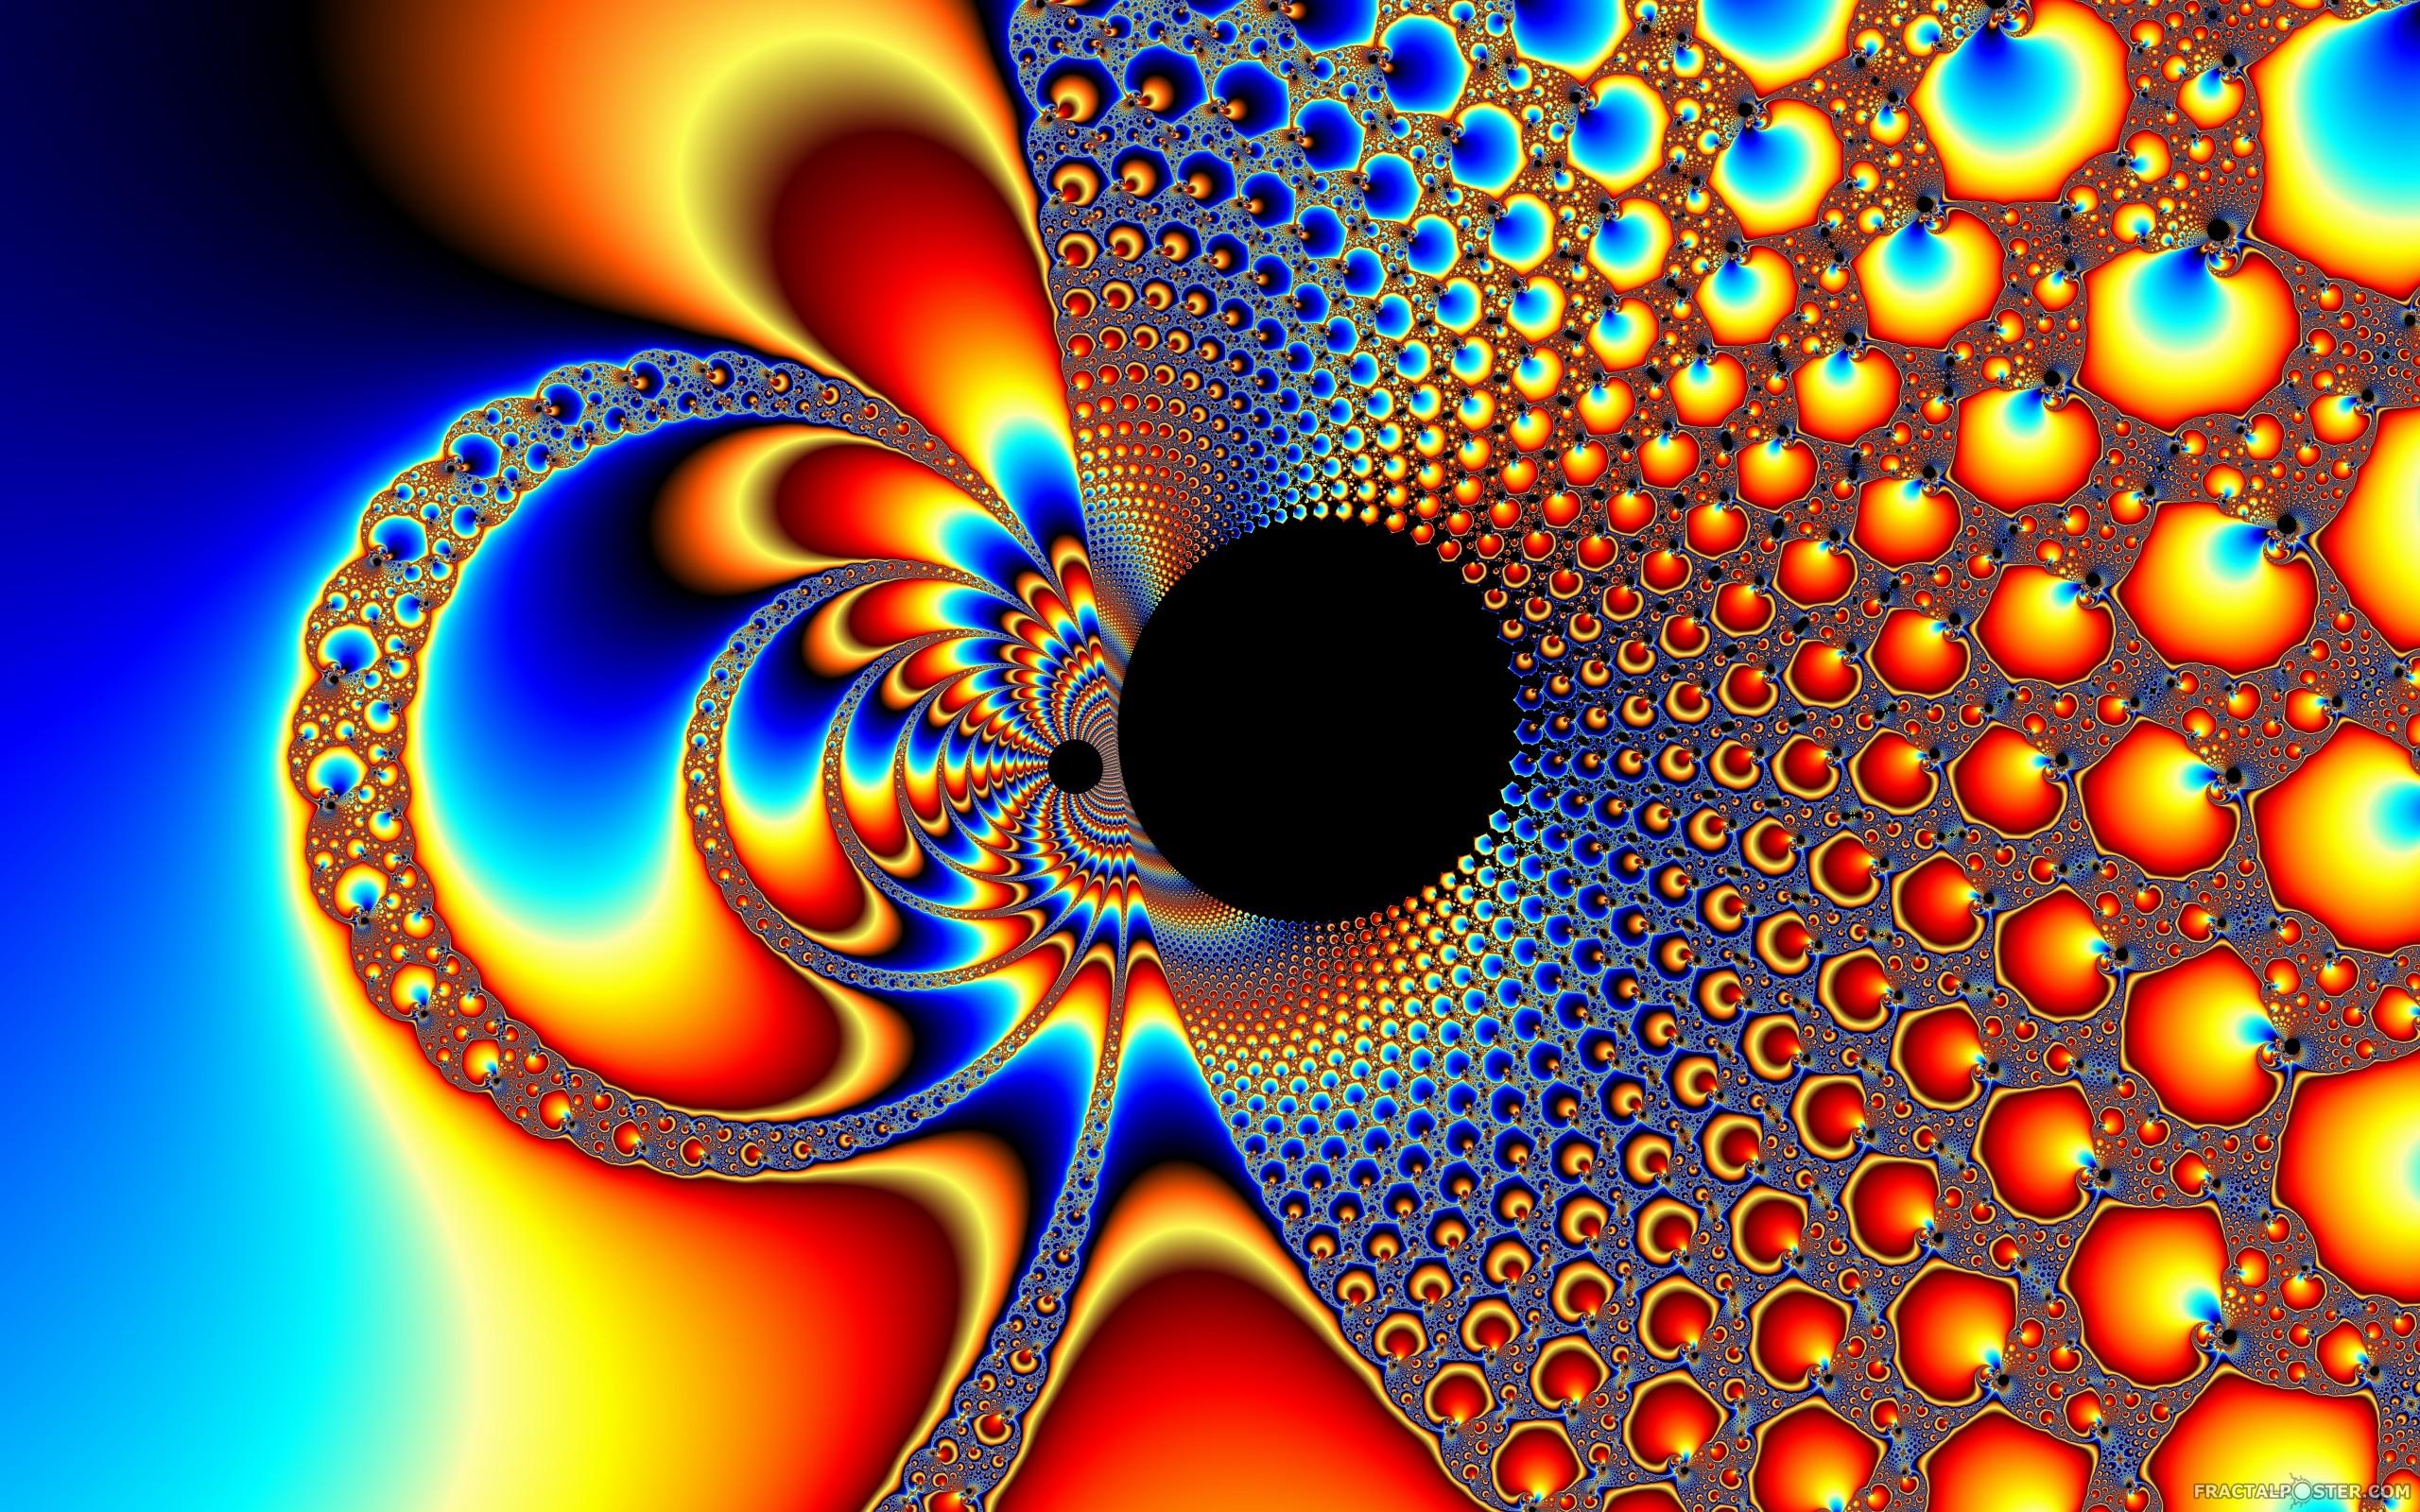 … photos YinYang BigBang fractal image by Poppedeye. HD Wallpapers .